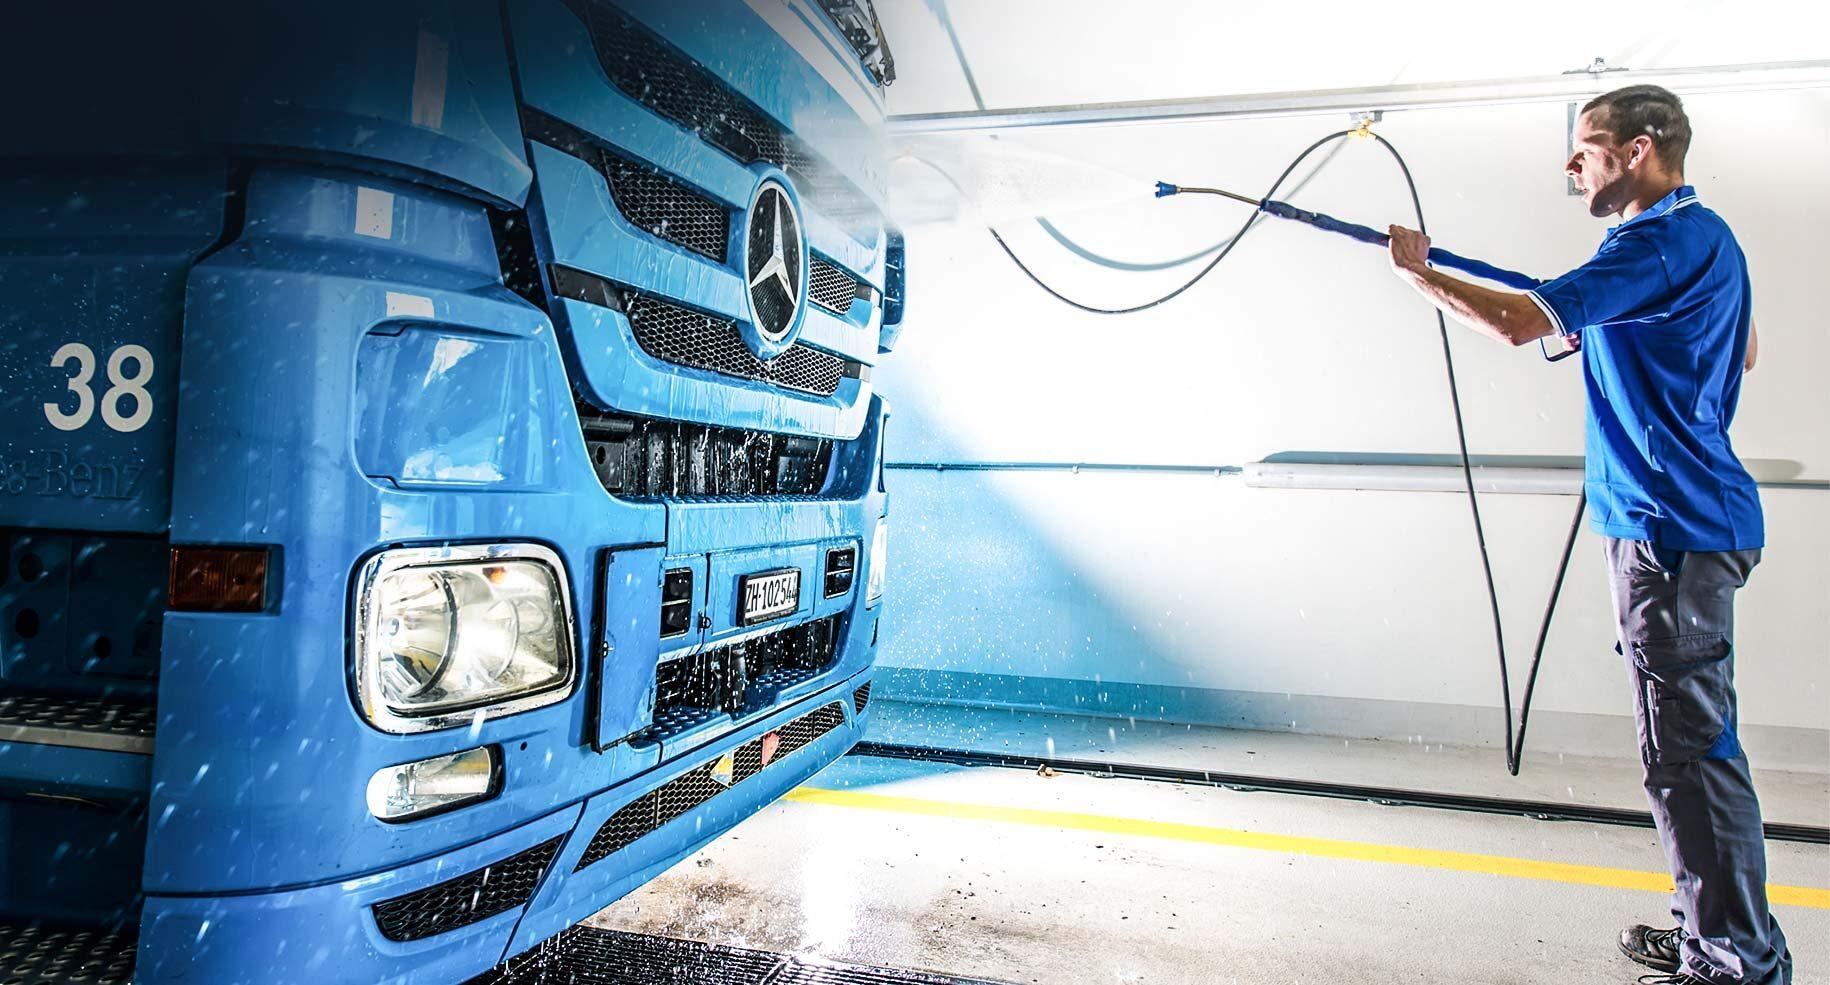 Chauffeur reinigt Fahrzeug in LKW-Waschanlage